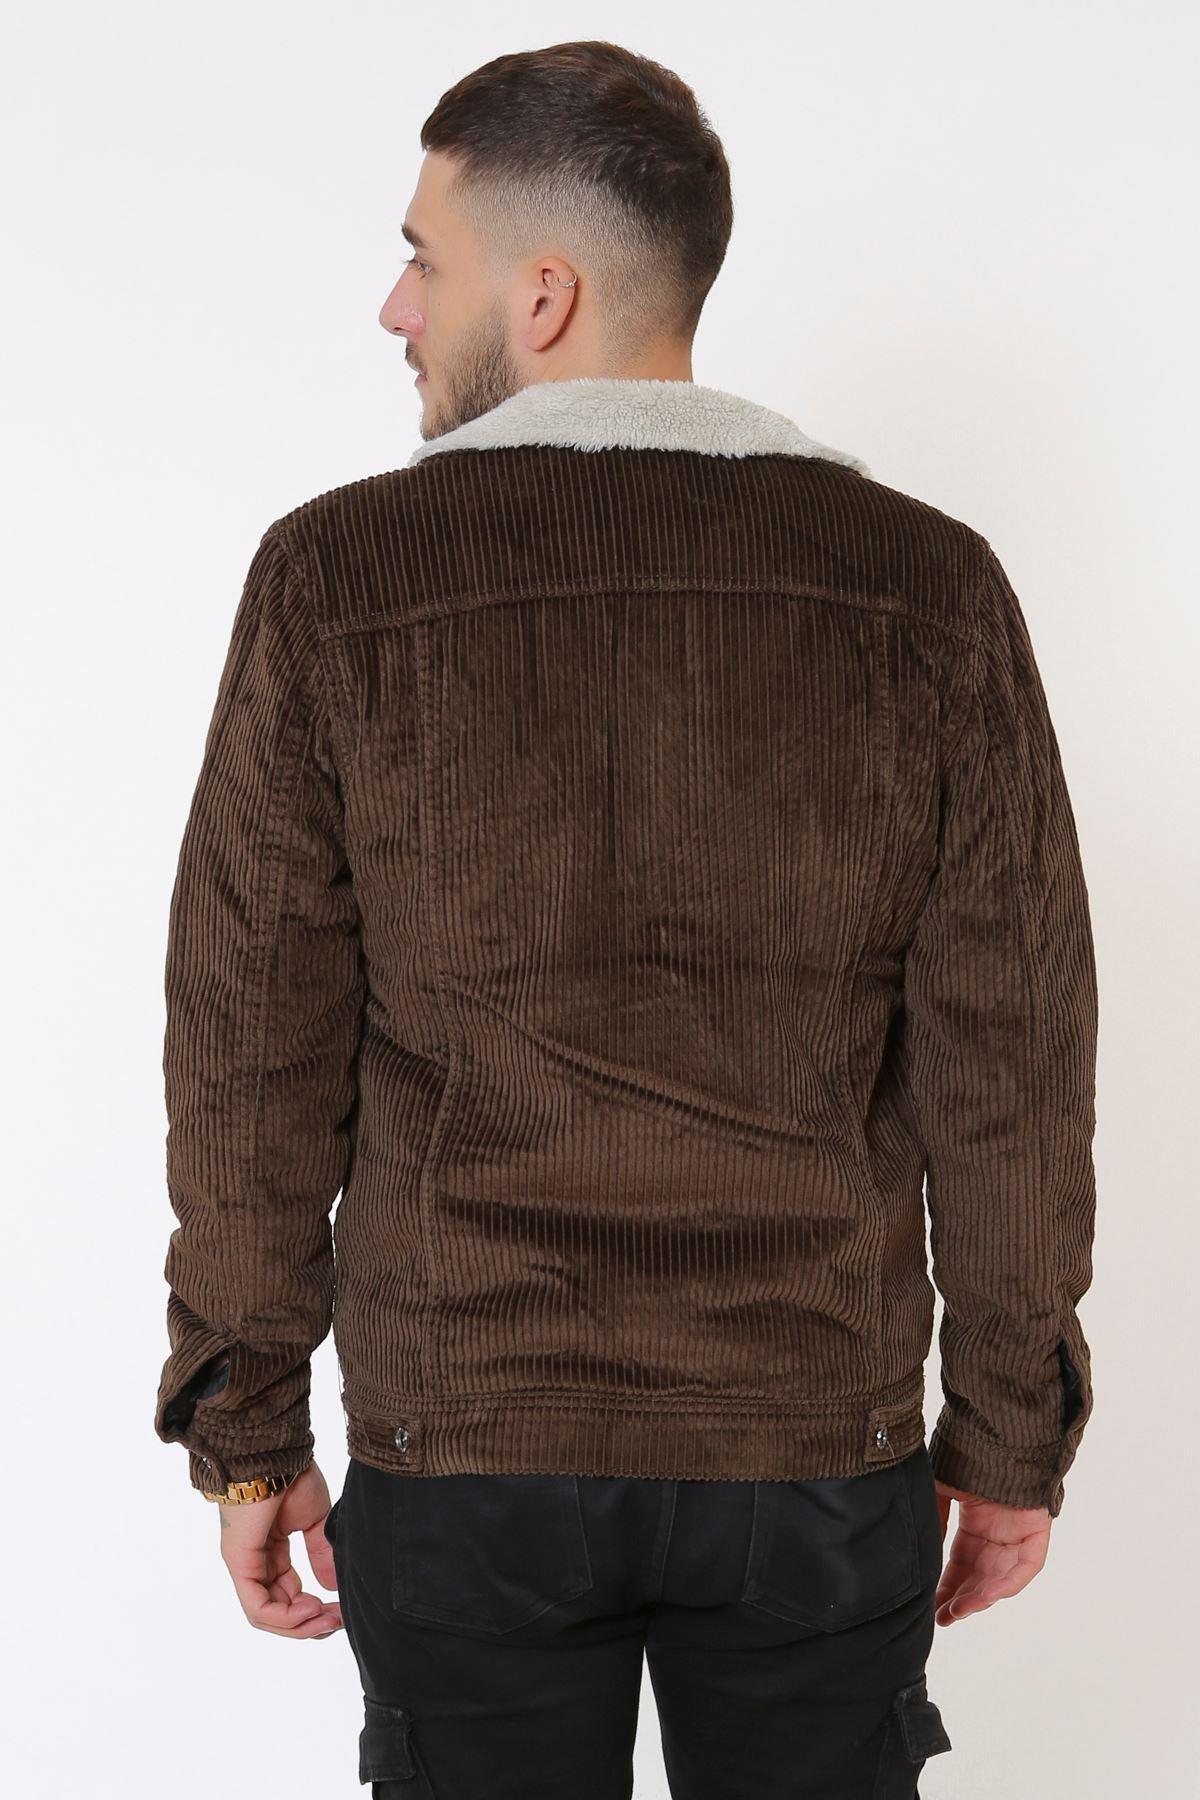 Kadife İçi Kürklü Düğmeli Kahve Ceket